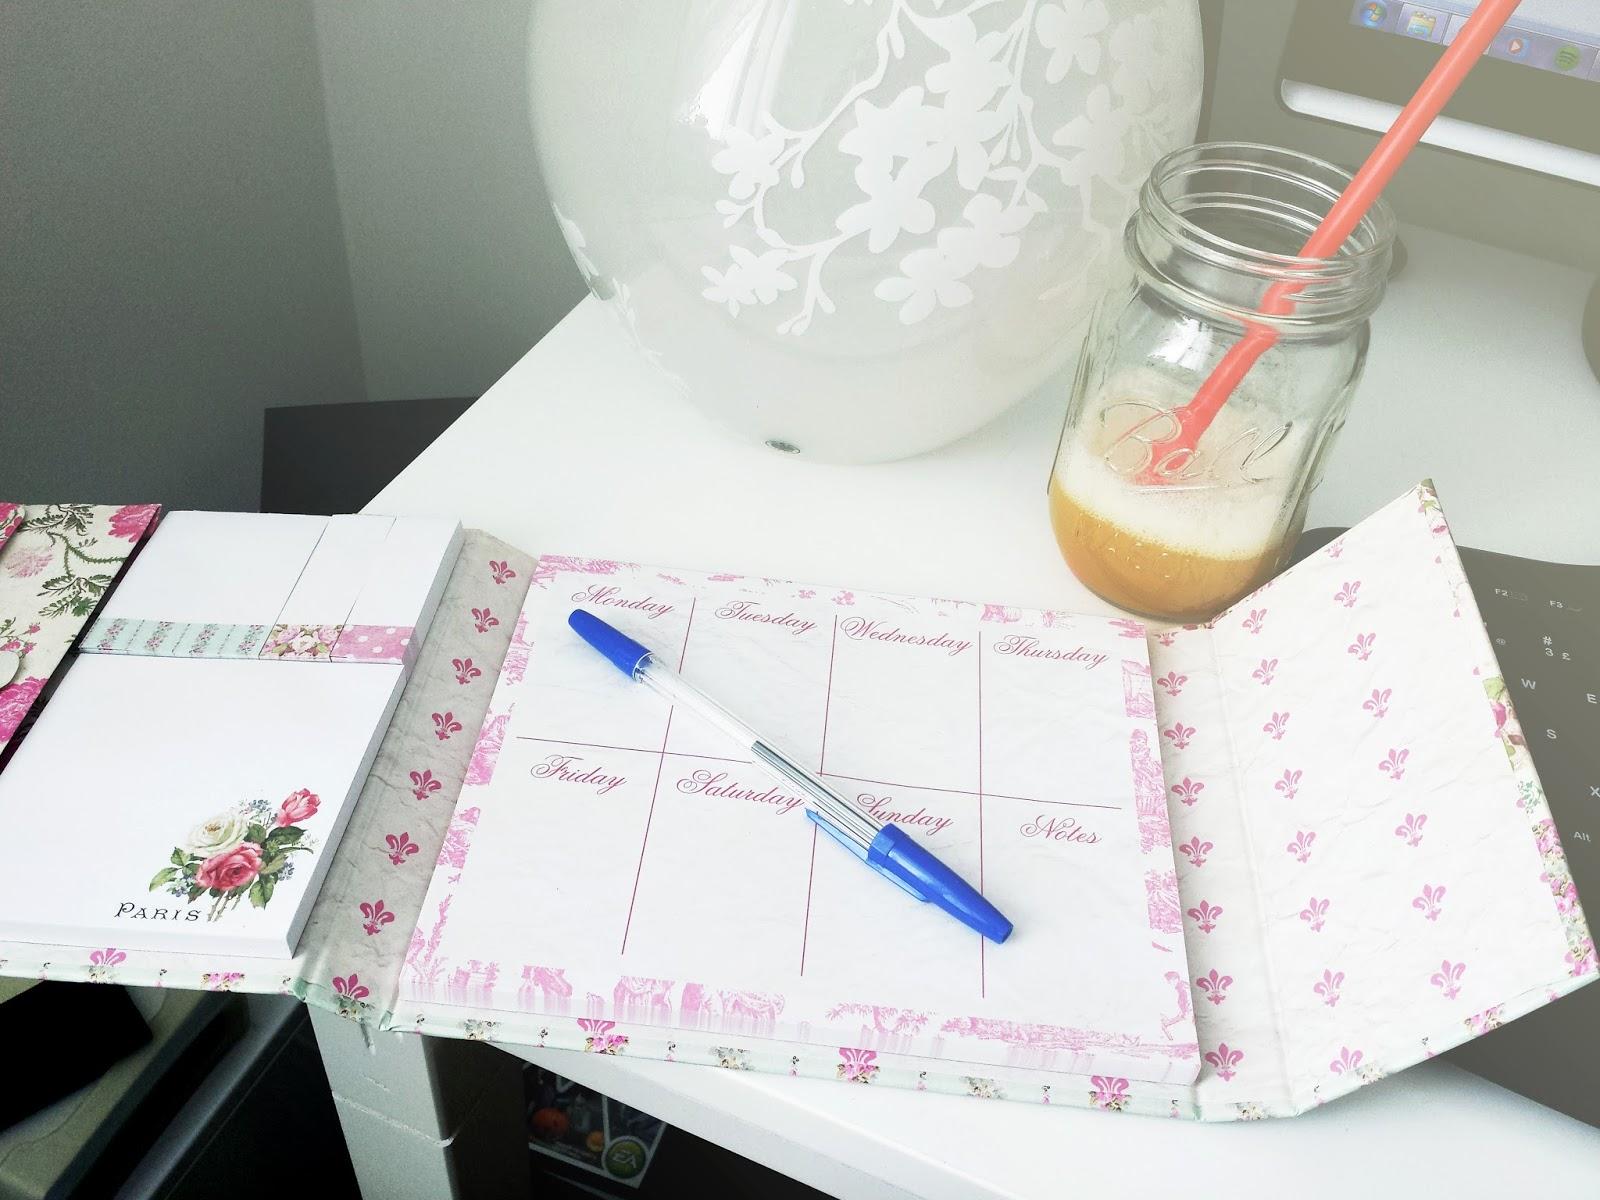 weekly planner, cute, vintage style, tiu bombshell spell